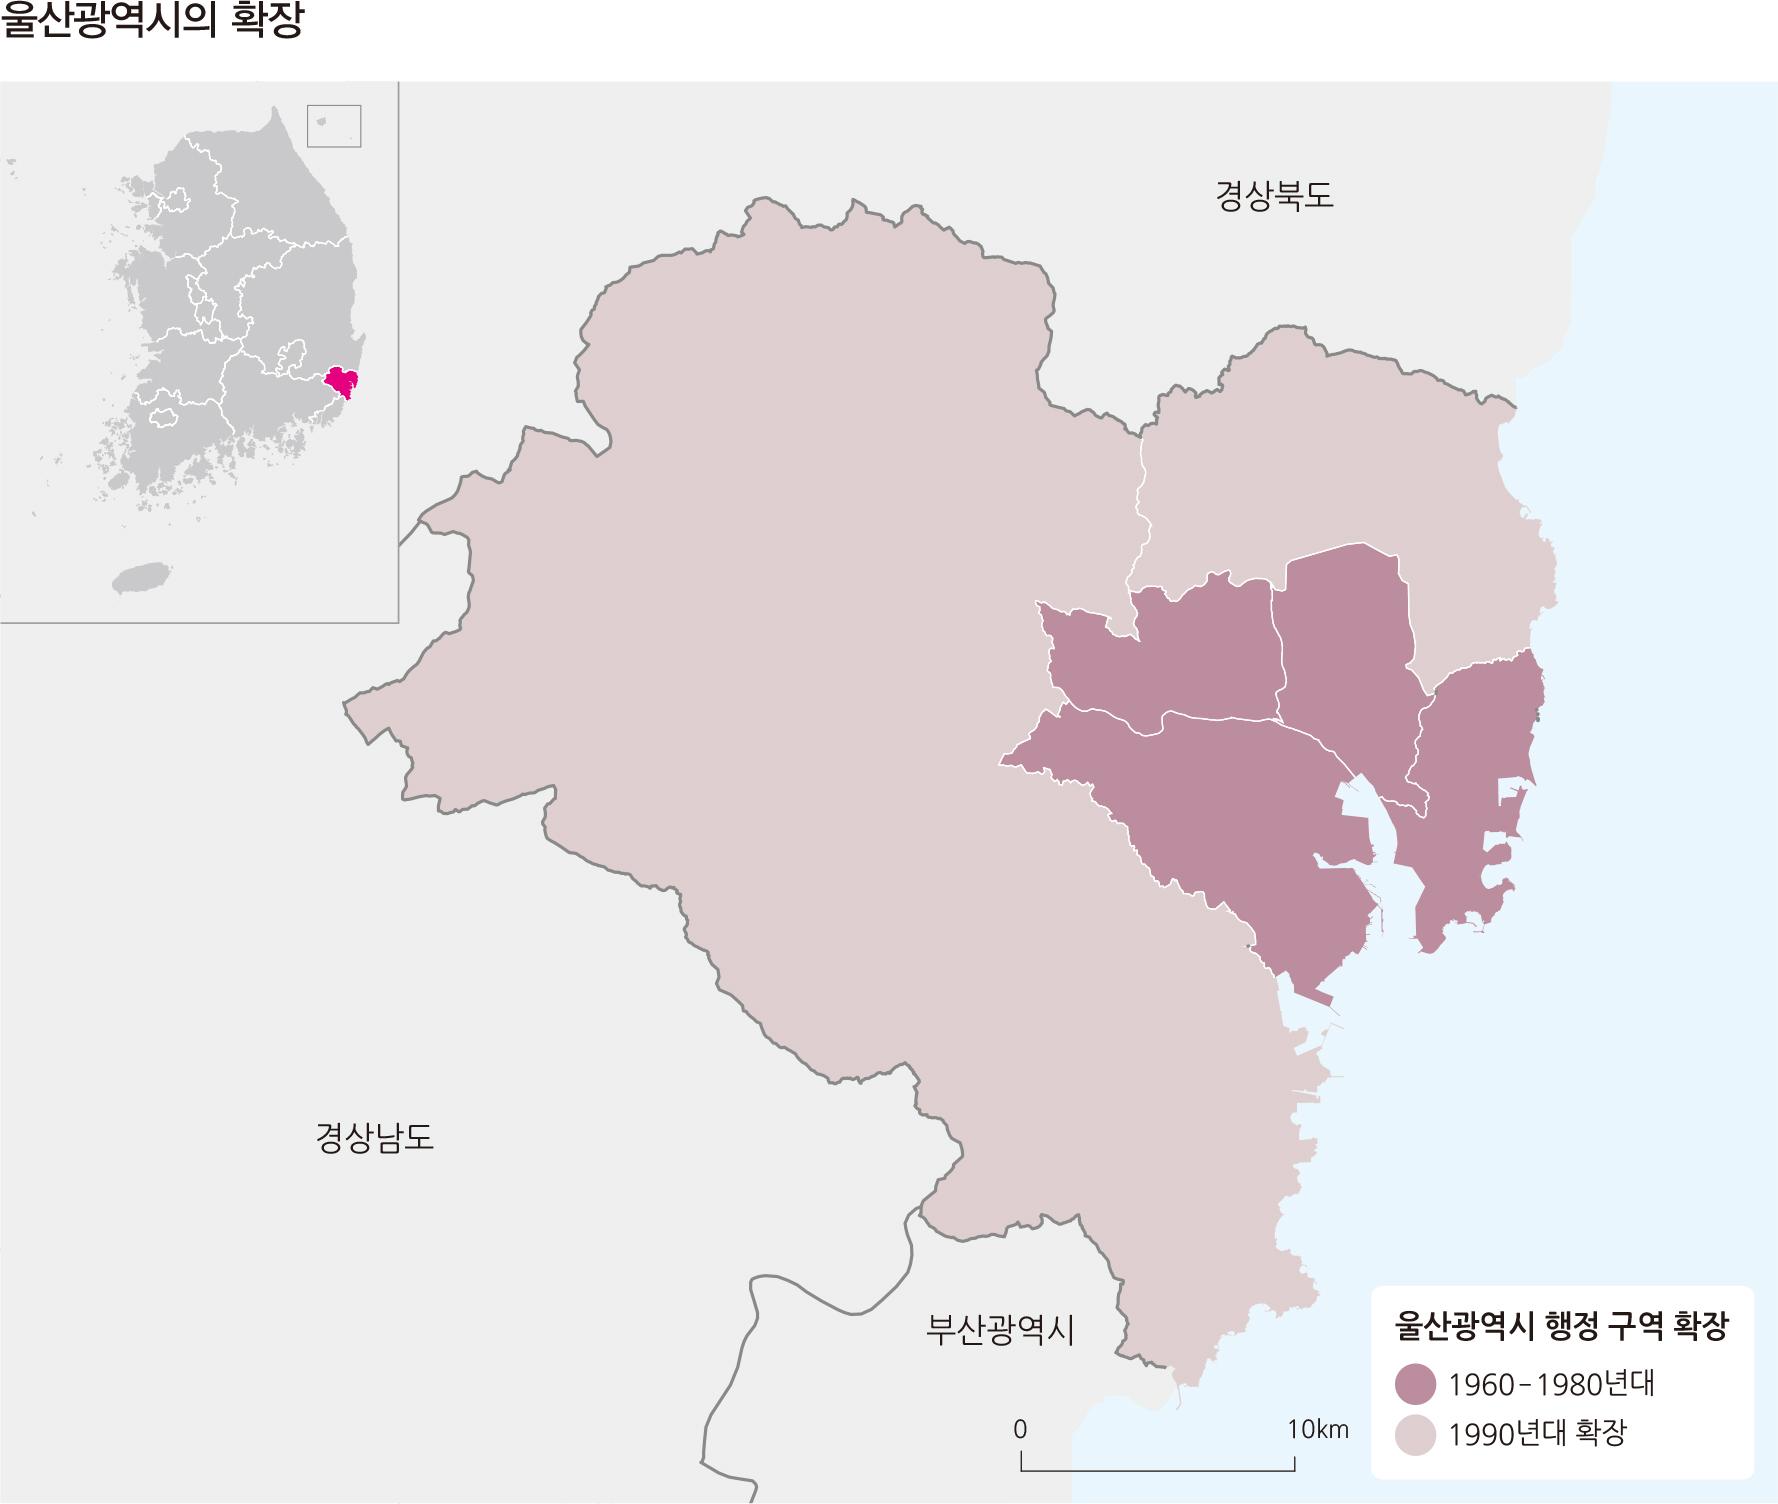 울산광역시의 확장